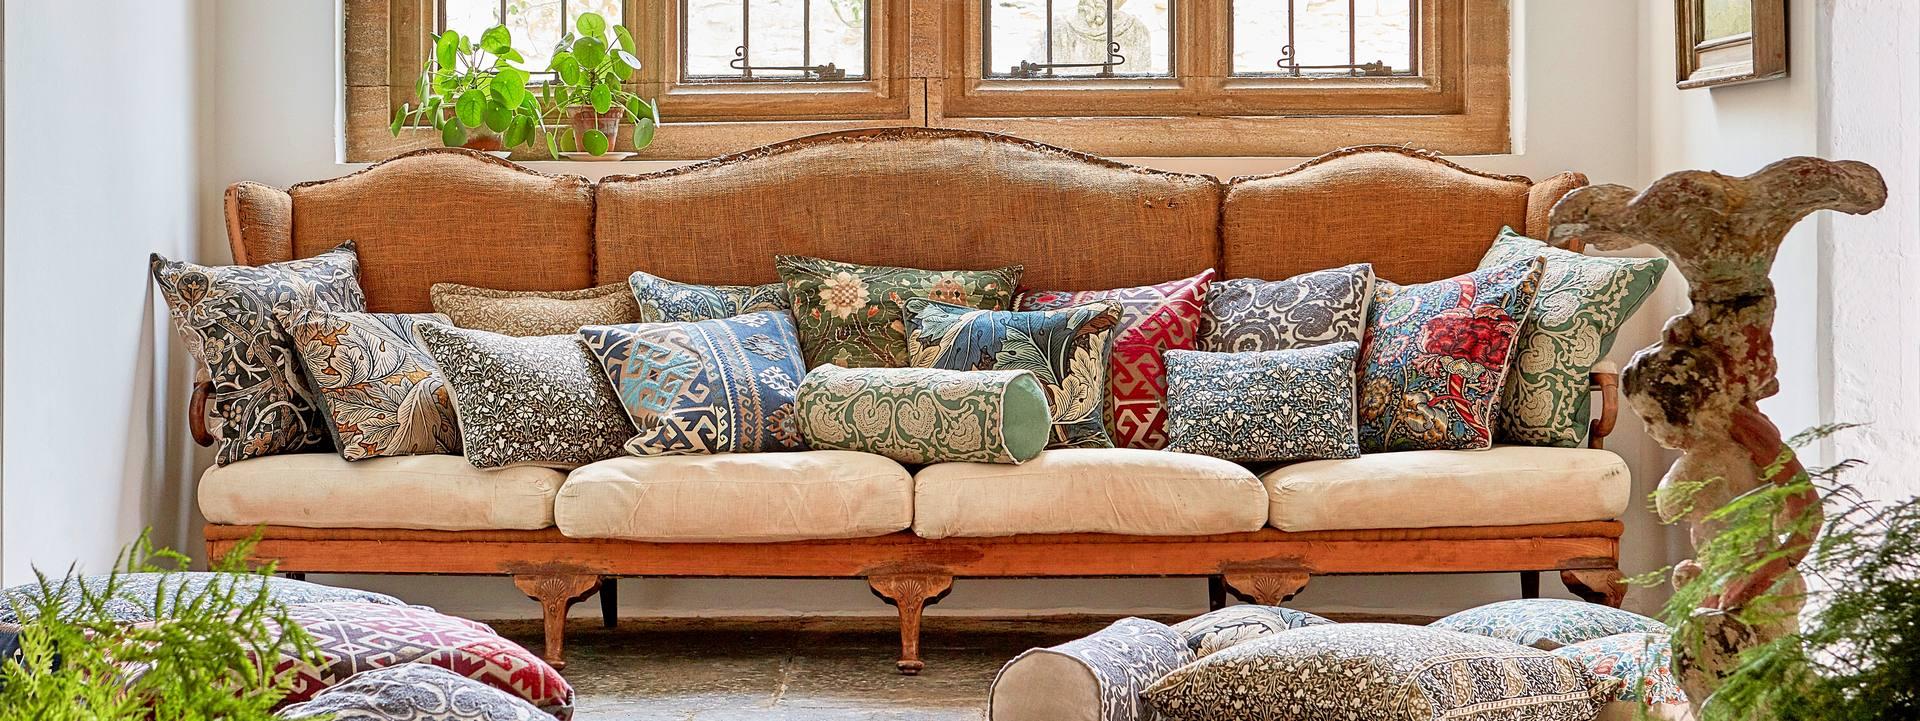 William Morris Wallpaper Amp Fabrics Fabric Gallery